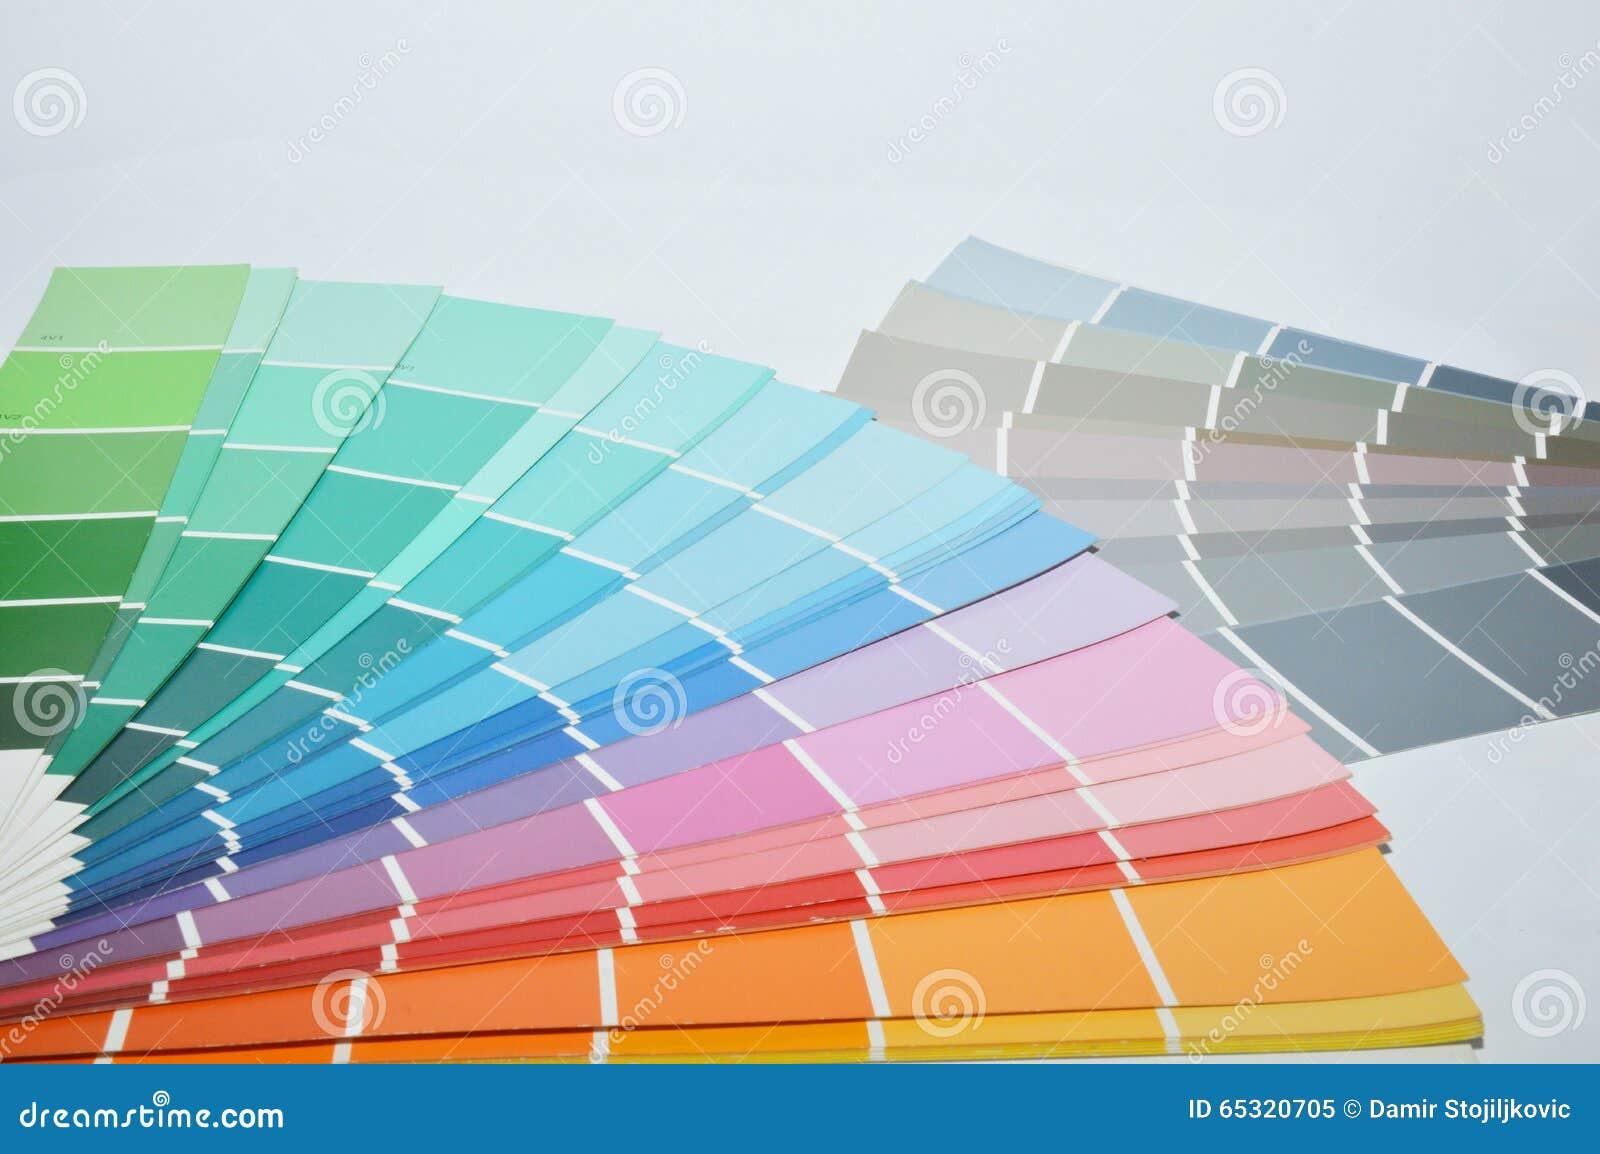 Kolor tła abstrakcyjna projektu paleta